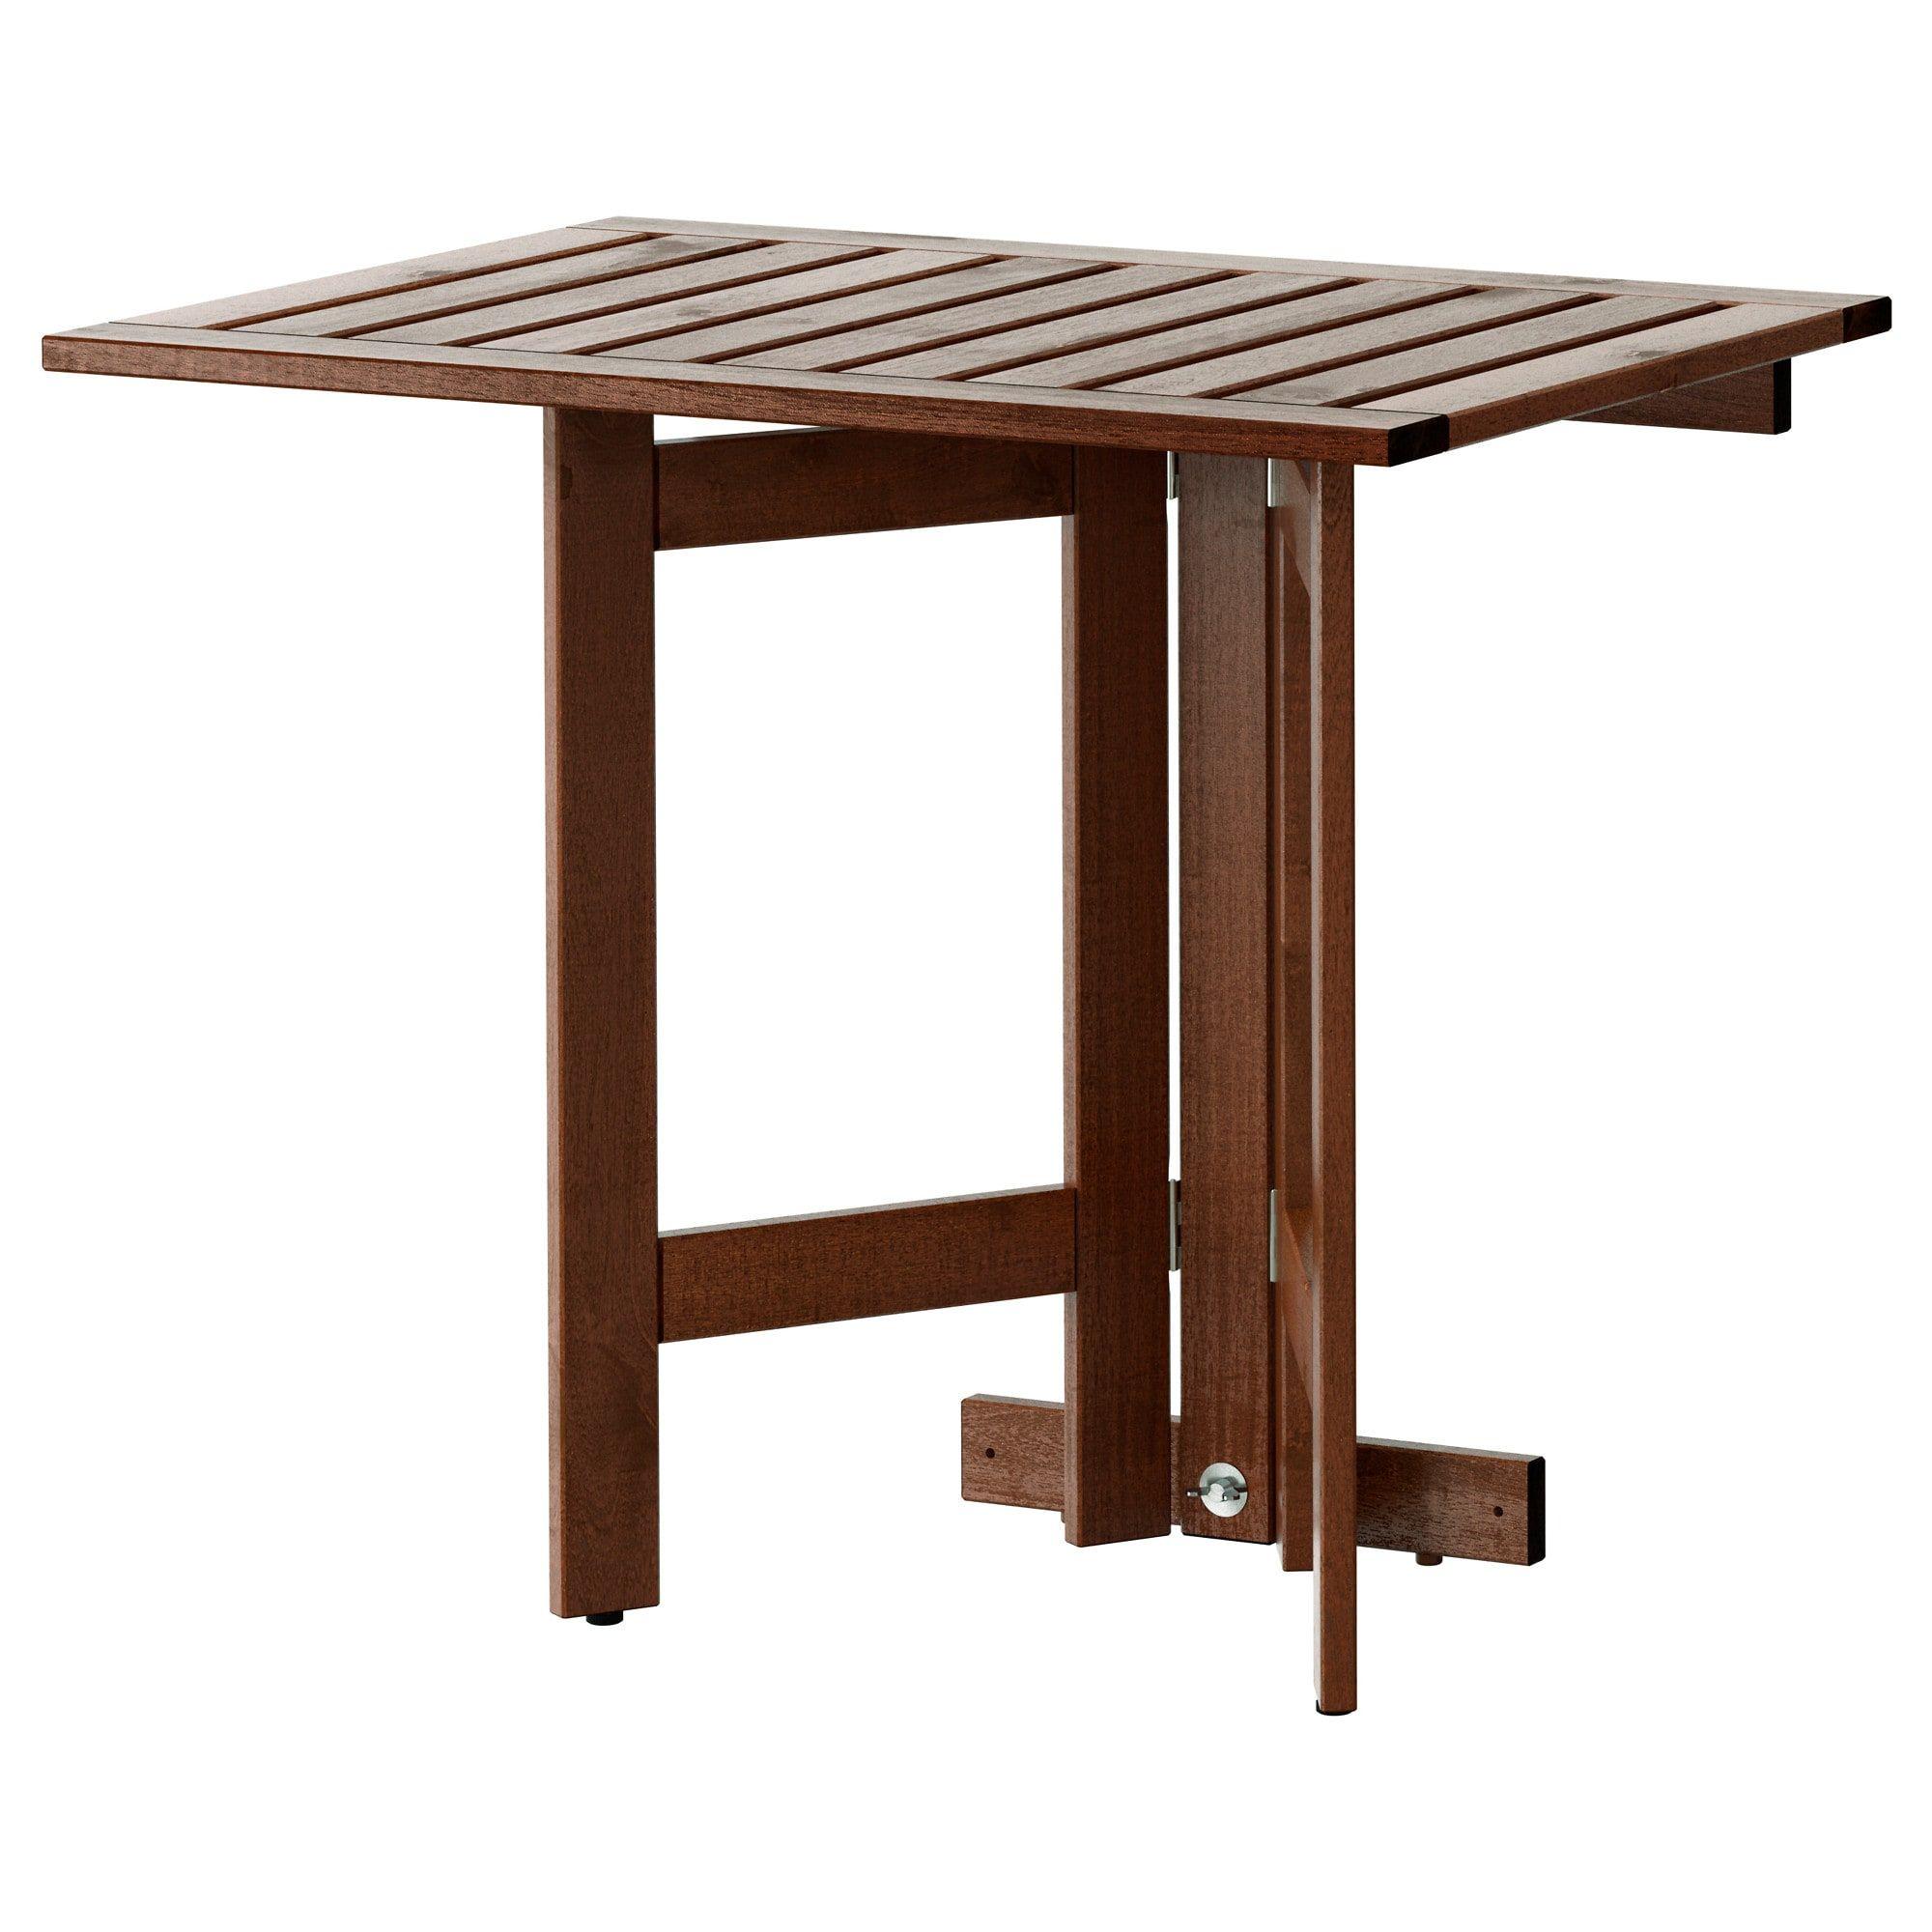 Full Size of Pplar Table Murale Pliante Ikea Sofa Mit Schlaffunktion Betten Bei Miniküche 160x200 Küche Kosten Modulküche Kaufen Wohnzimmer Gartentisch Ikea